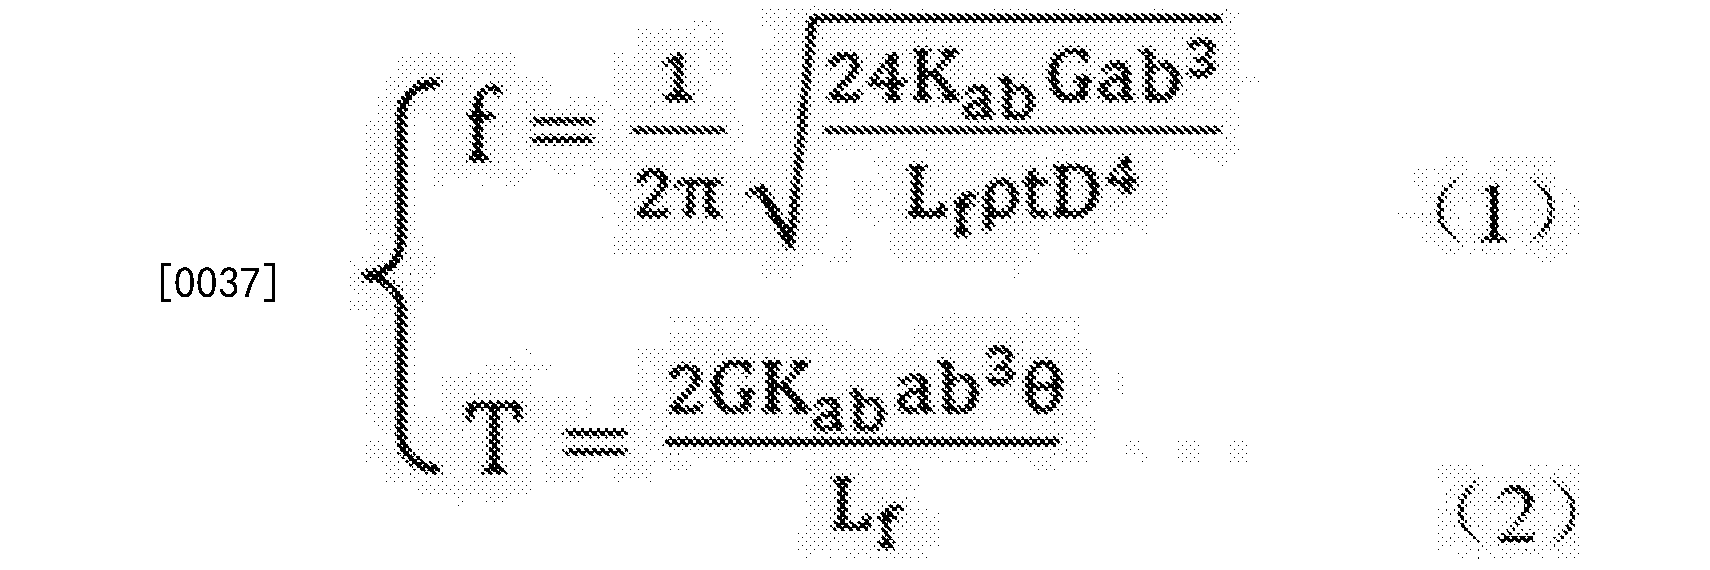 Figure CN105866942BD00051